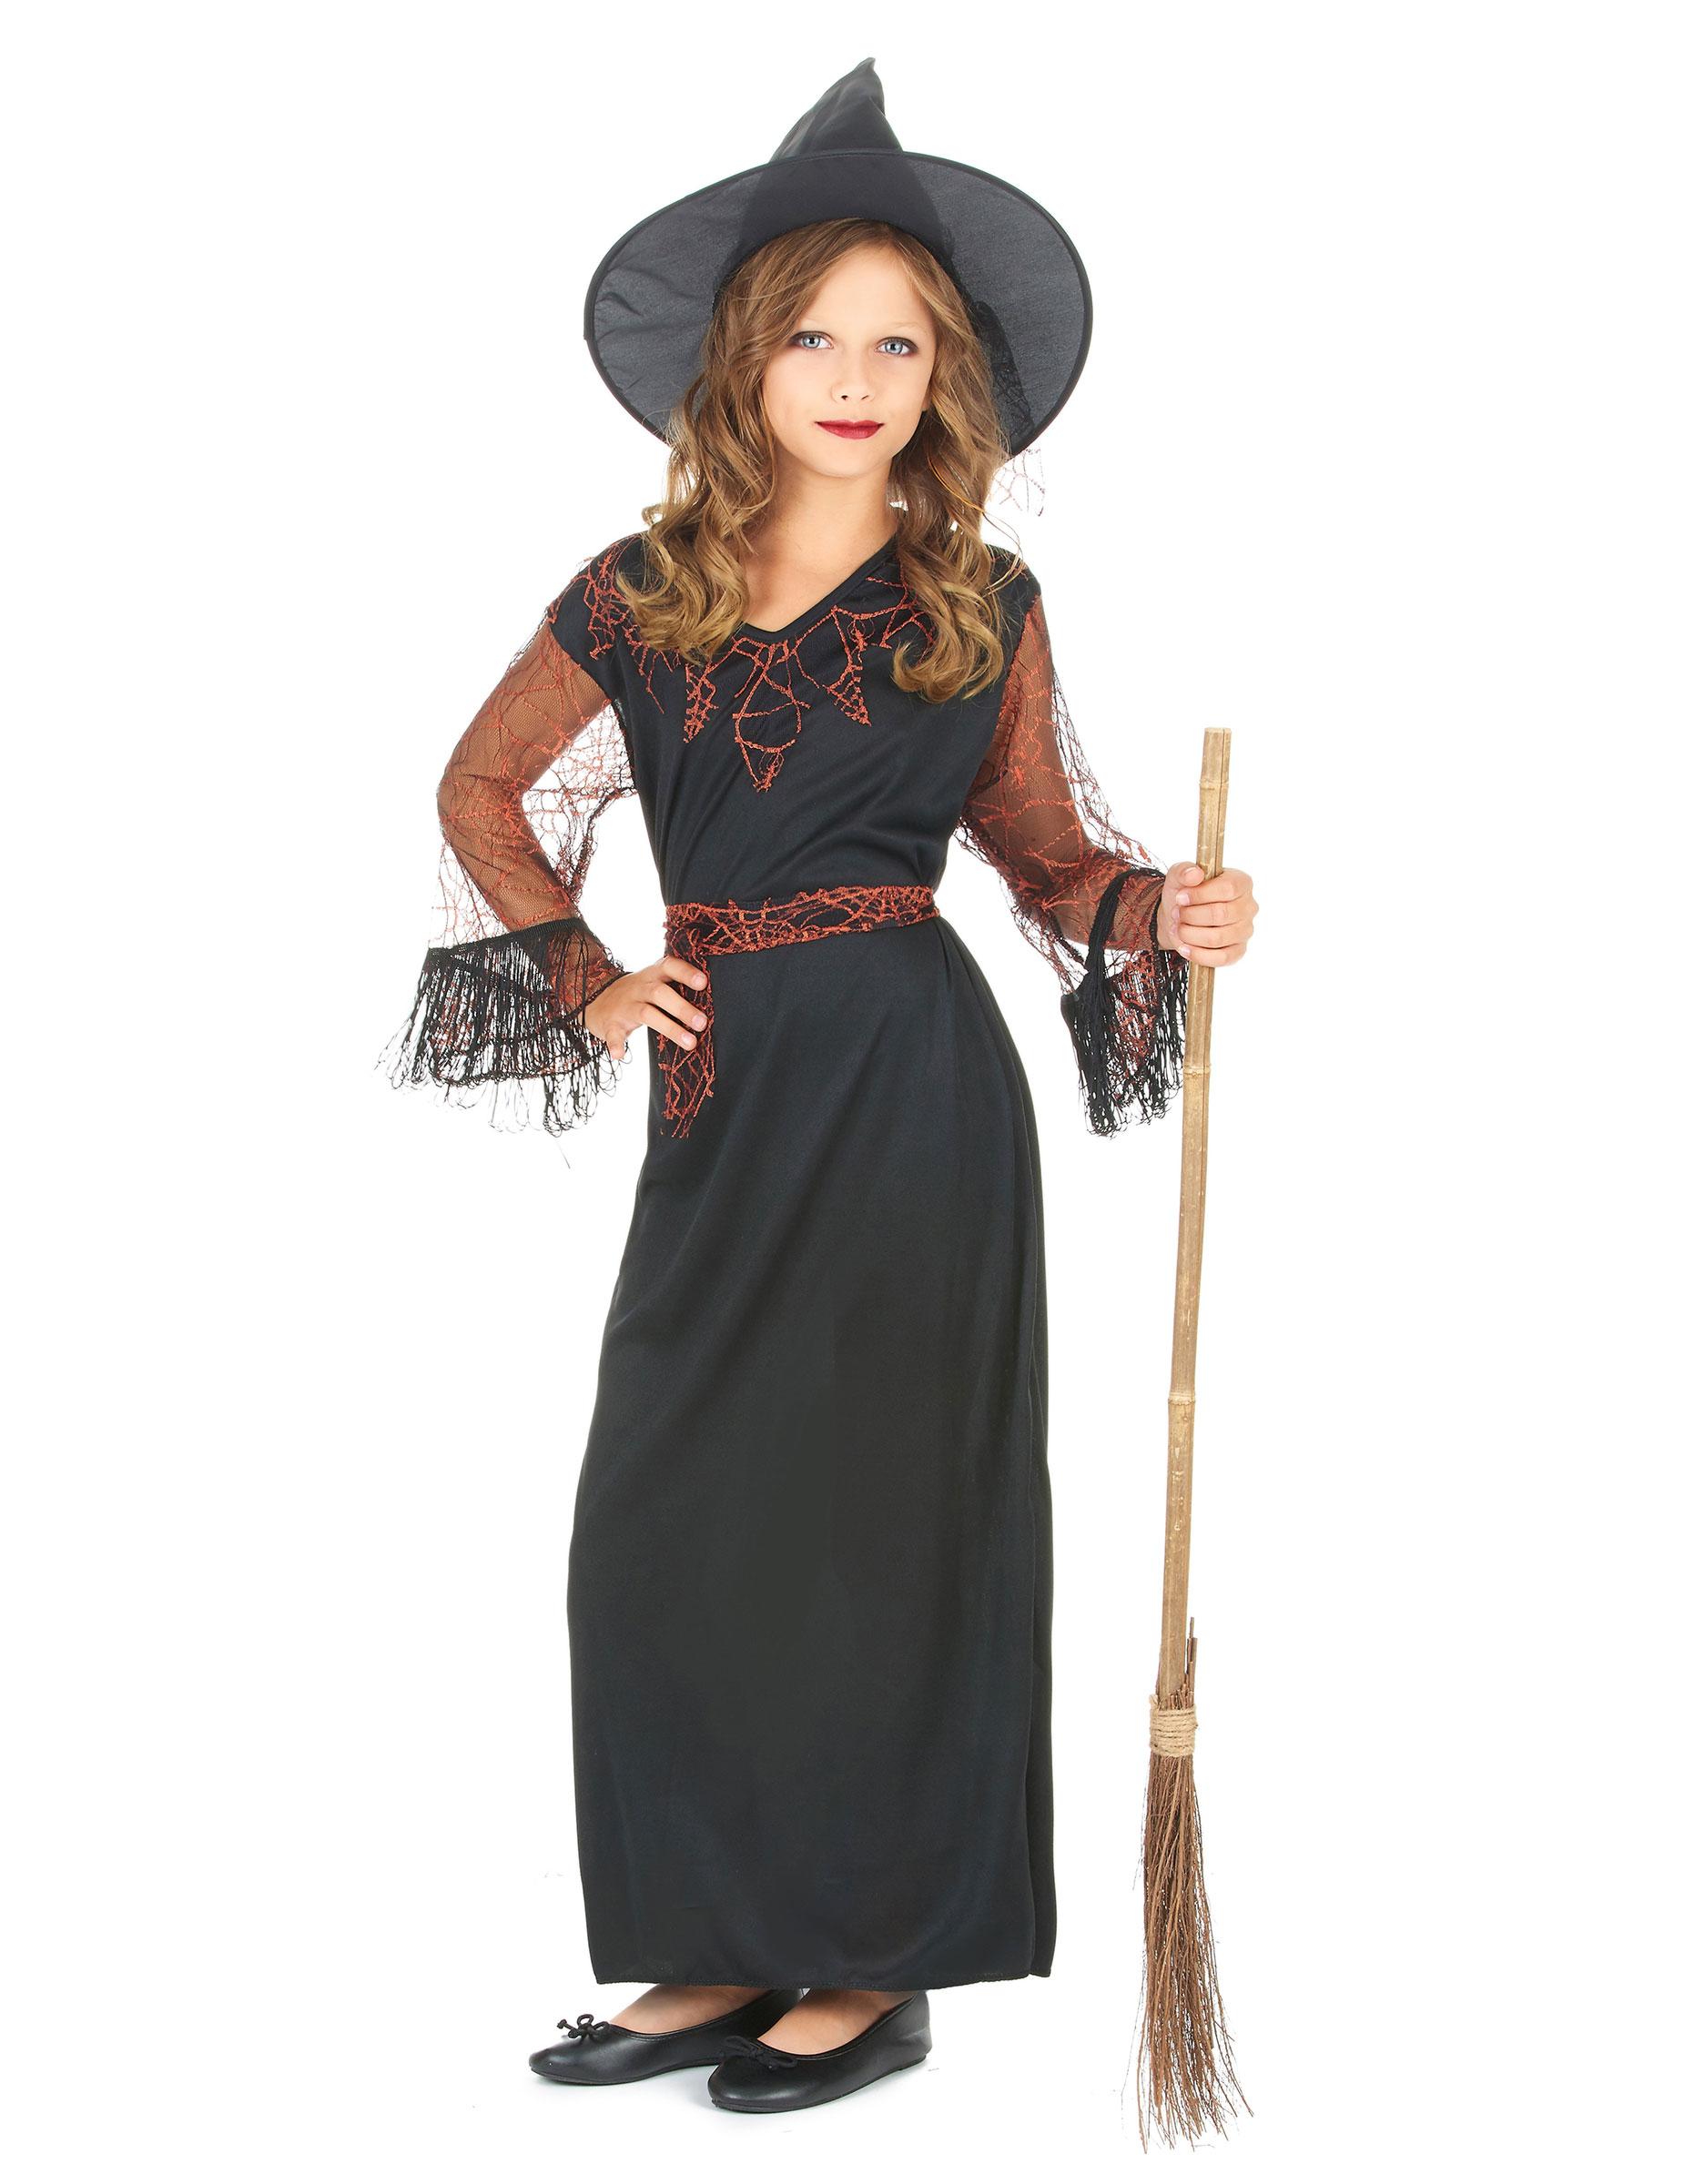 d guisement sorci re noir fille halloween deguise toi achat de d guisements enfants. Black Bedroom Furniture Sets. Home Design Ideas